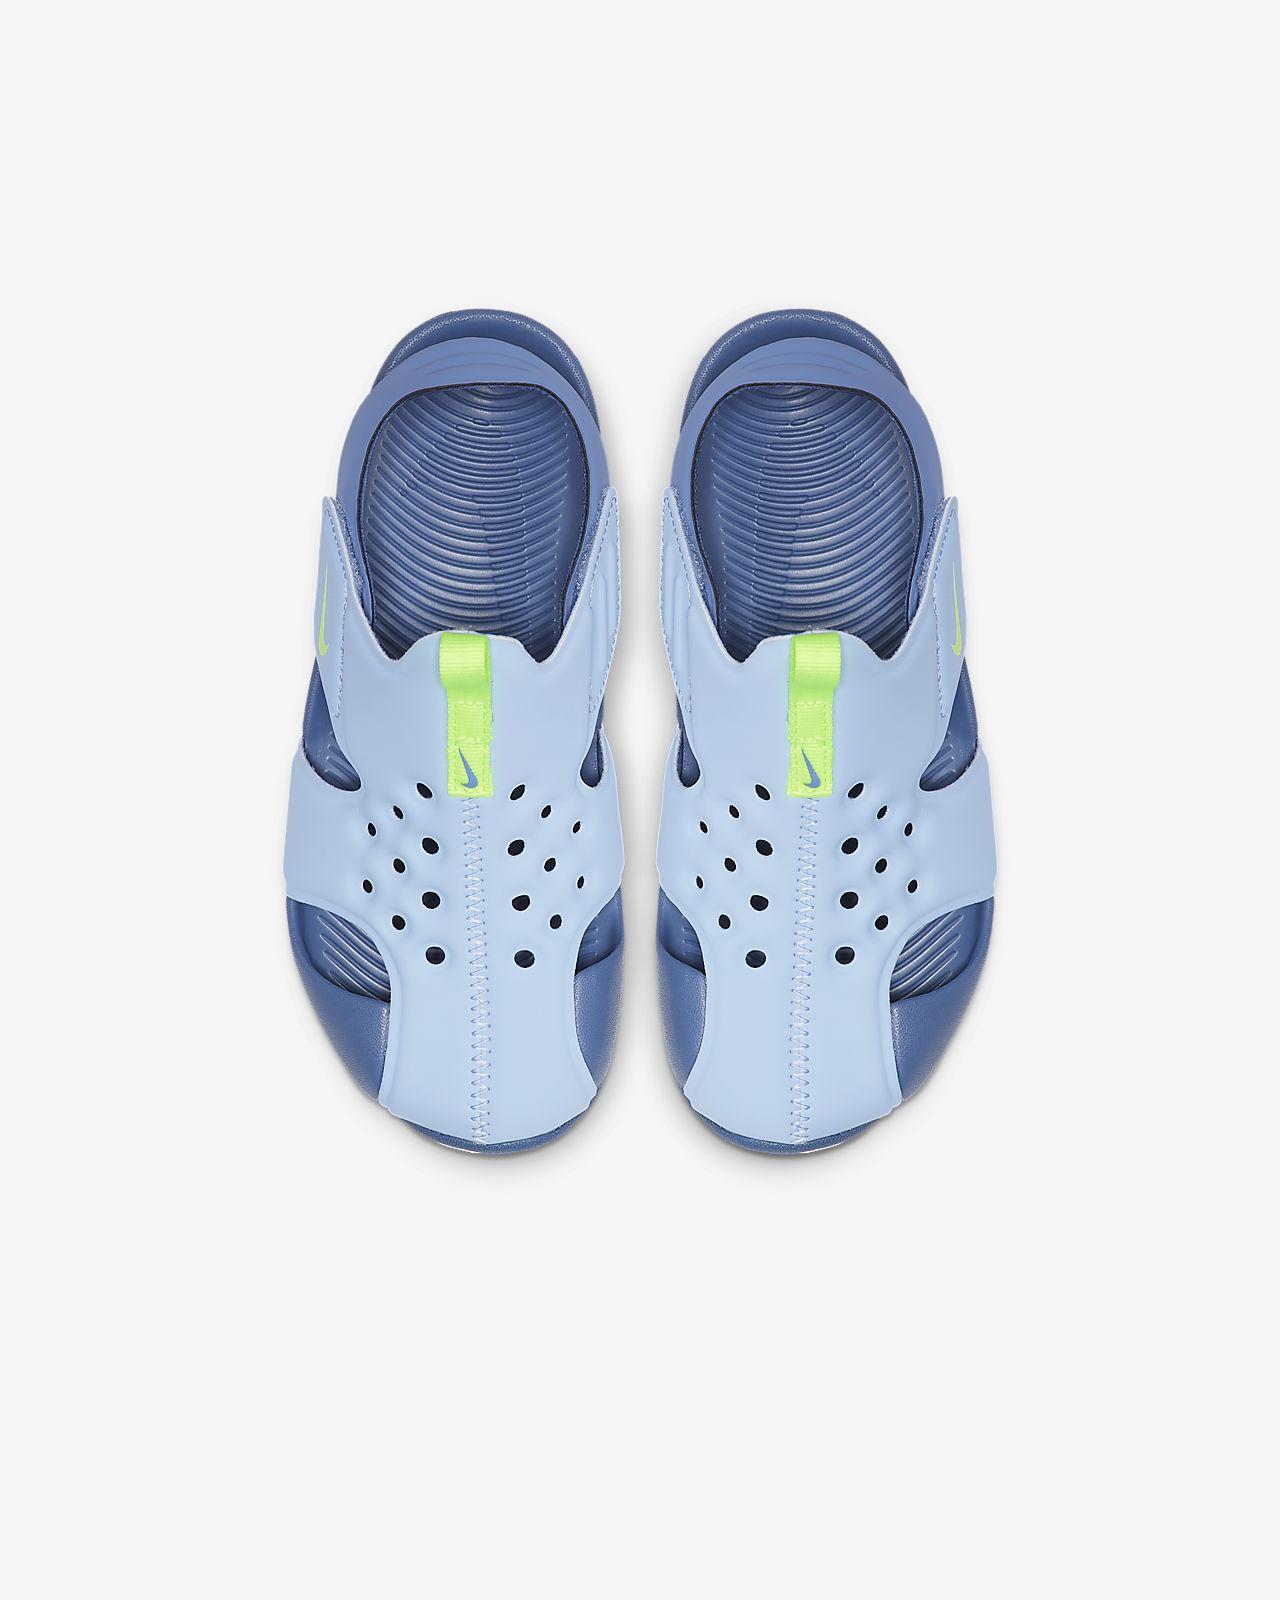 760b43732 Sandalia Nike Sunray Protect 2 para niños pequeños. Nike.com MX